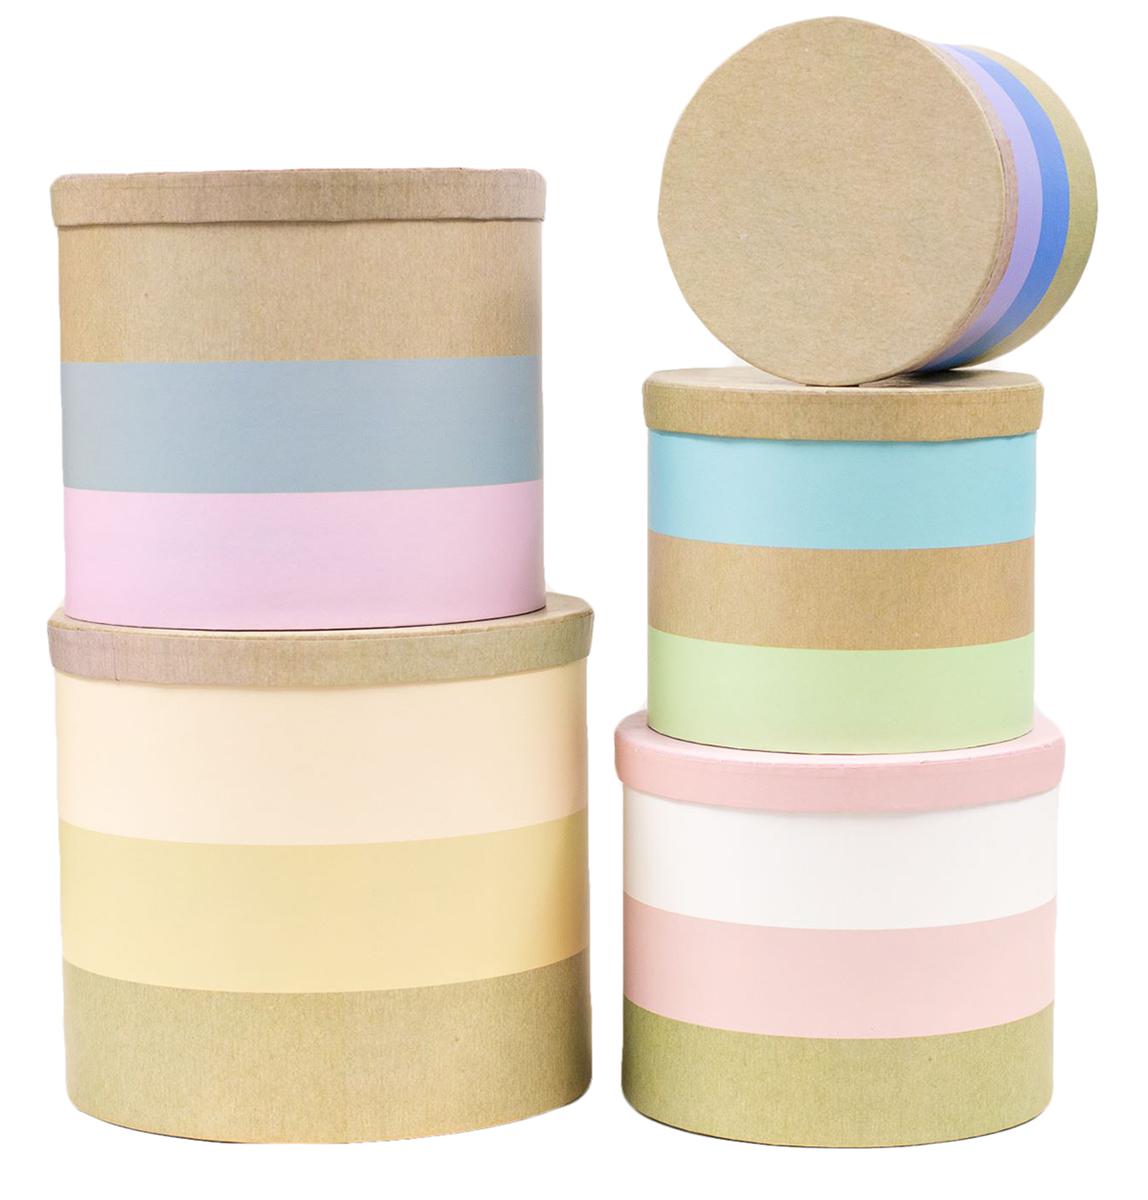 Набор коробок Дарите Счастье  5 в 1 Хорошего настроения , круг -  Подарочная упаковка